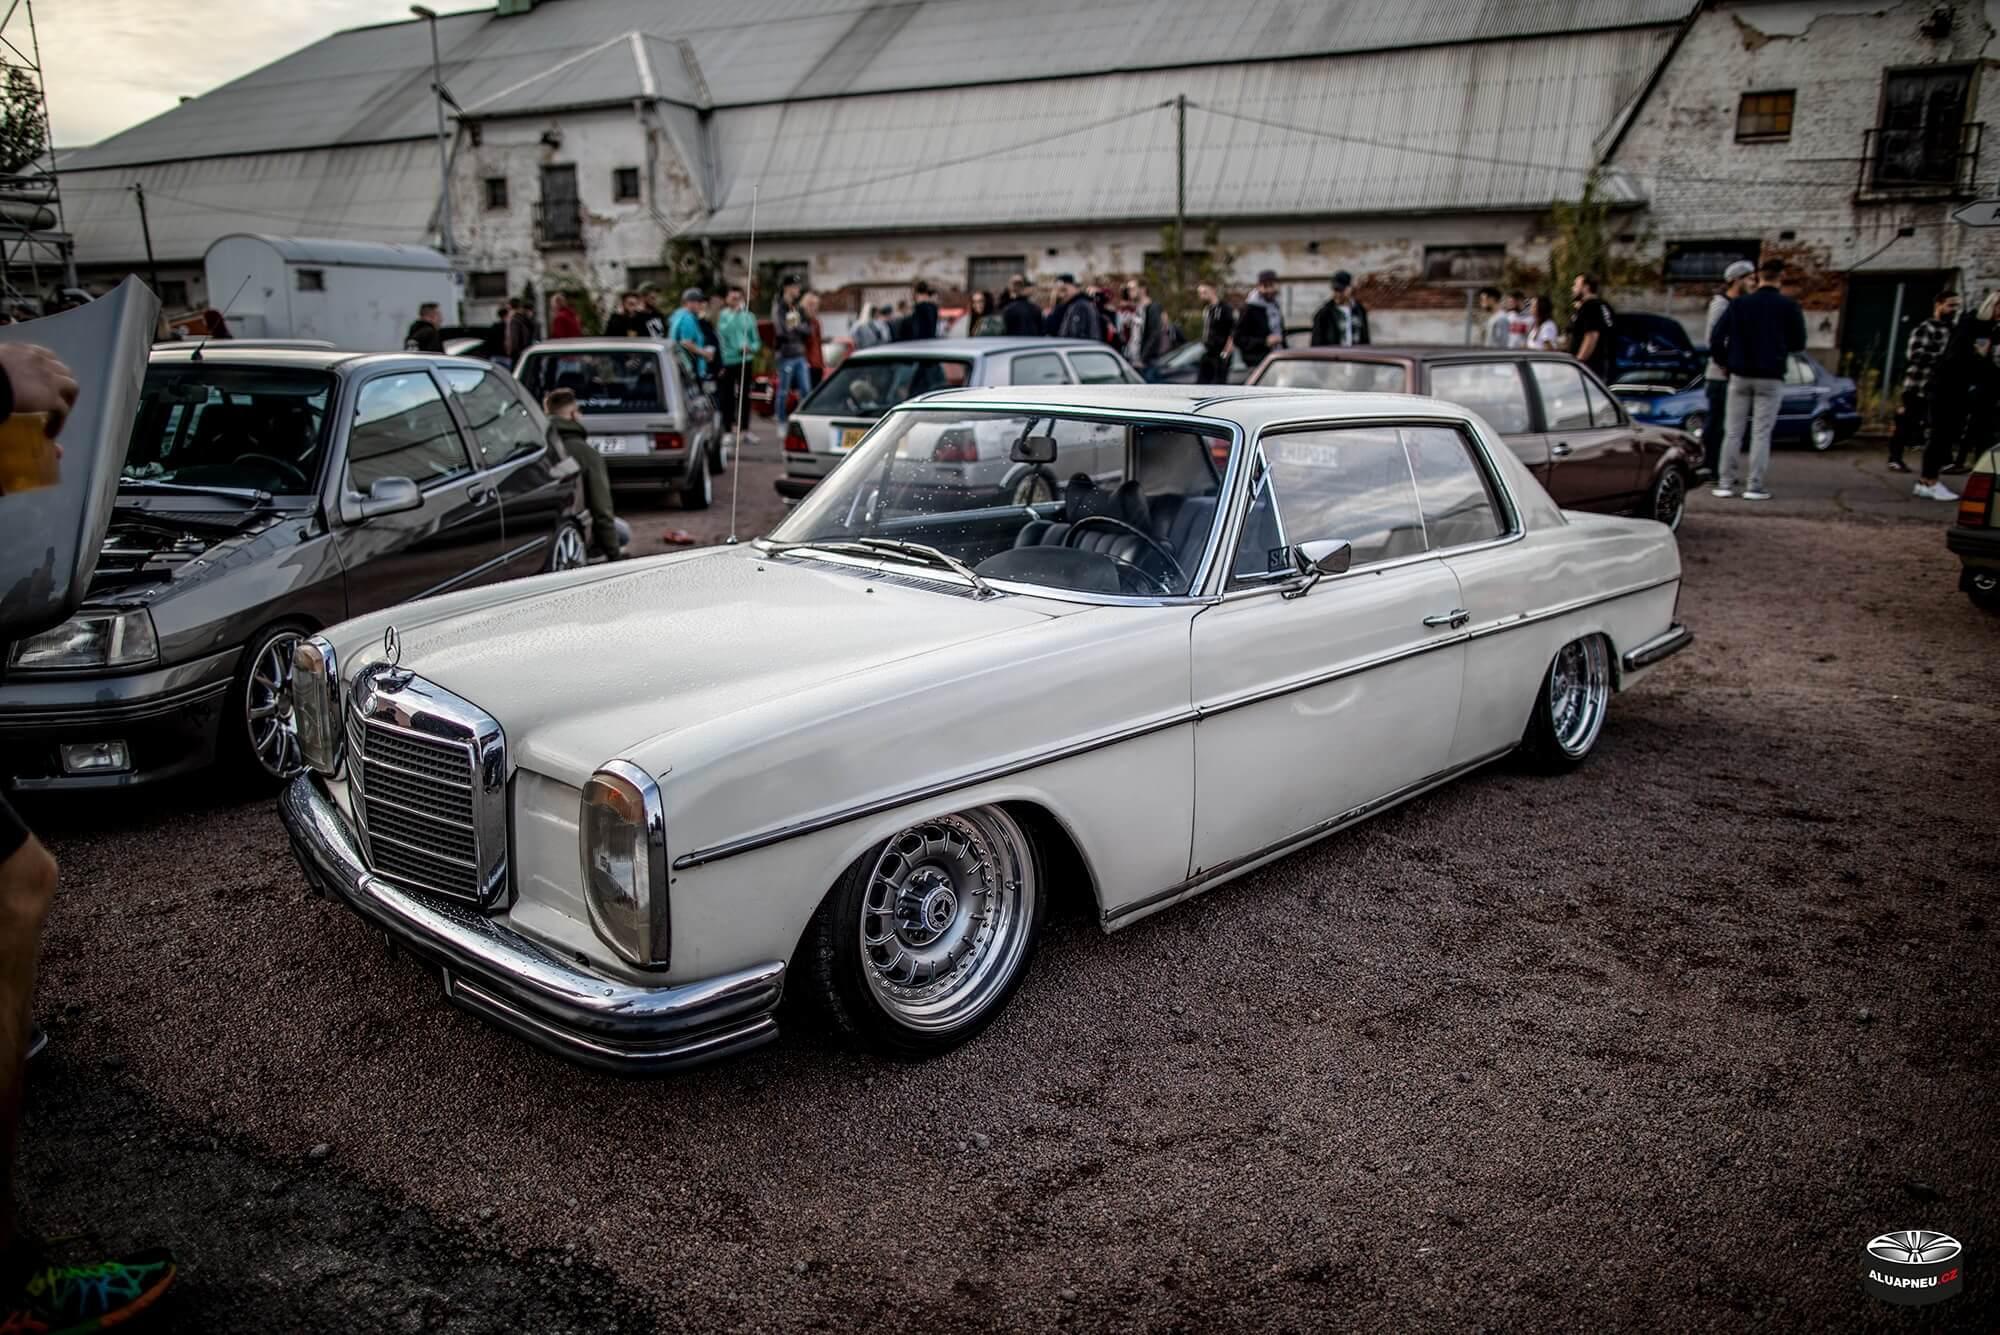 Alu kola Mercedes W115 coupe - XS Classic Carnight 5.0 - Drážďany tuning sraz 2019 - www.aluapneu.cz